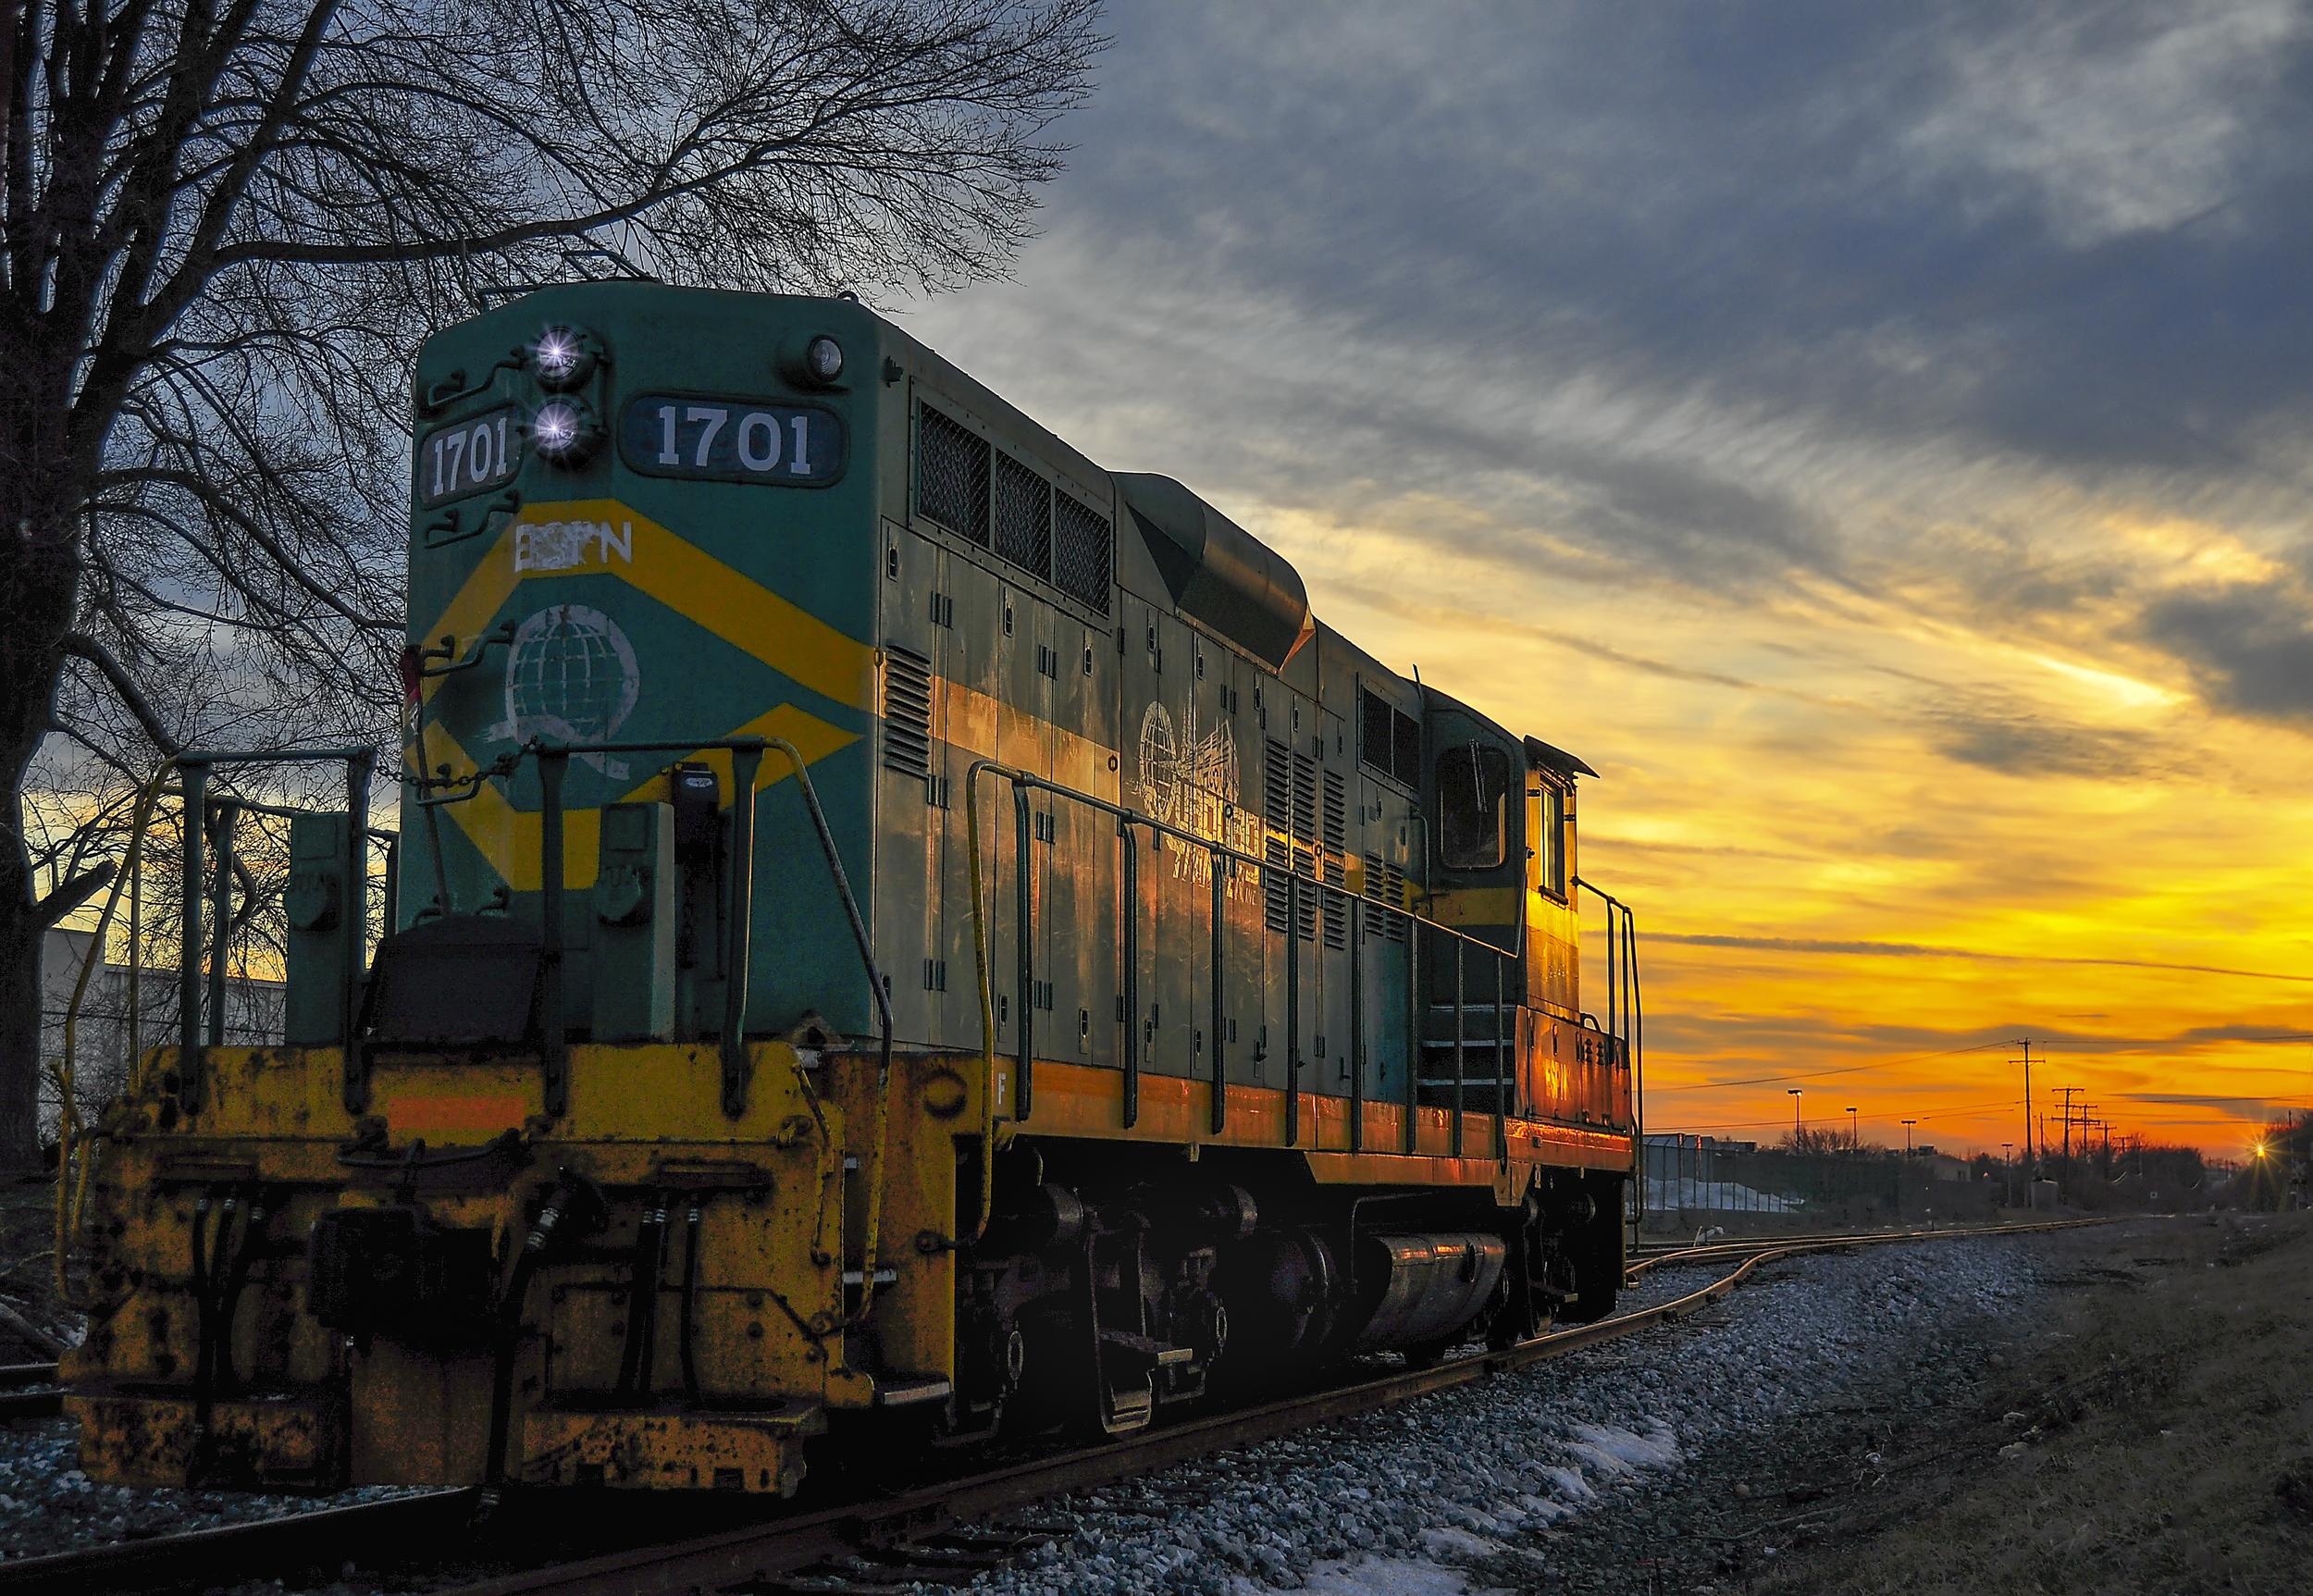 East Penn Locomotive 1701.jpg